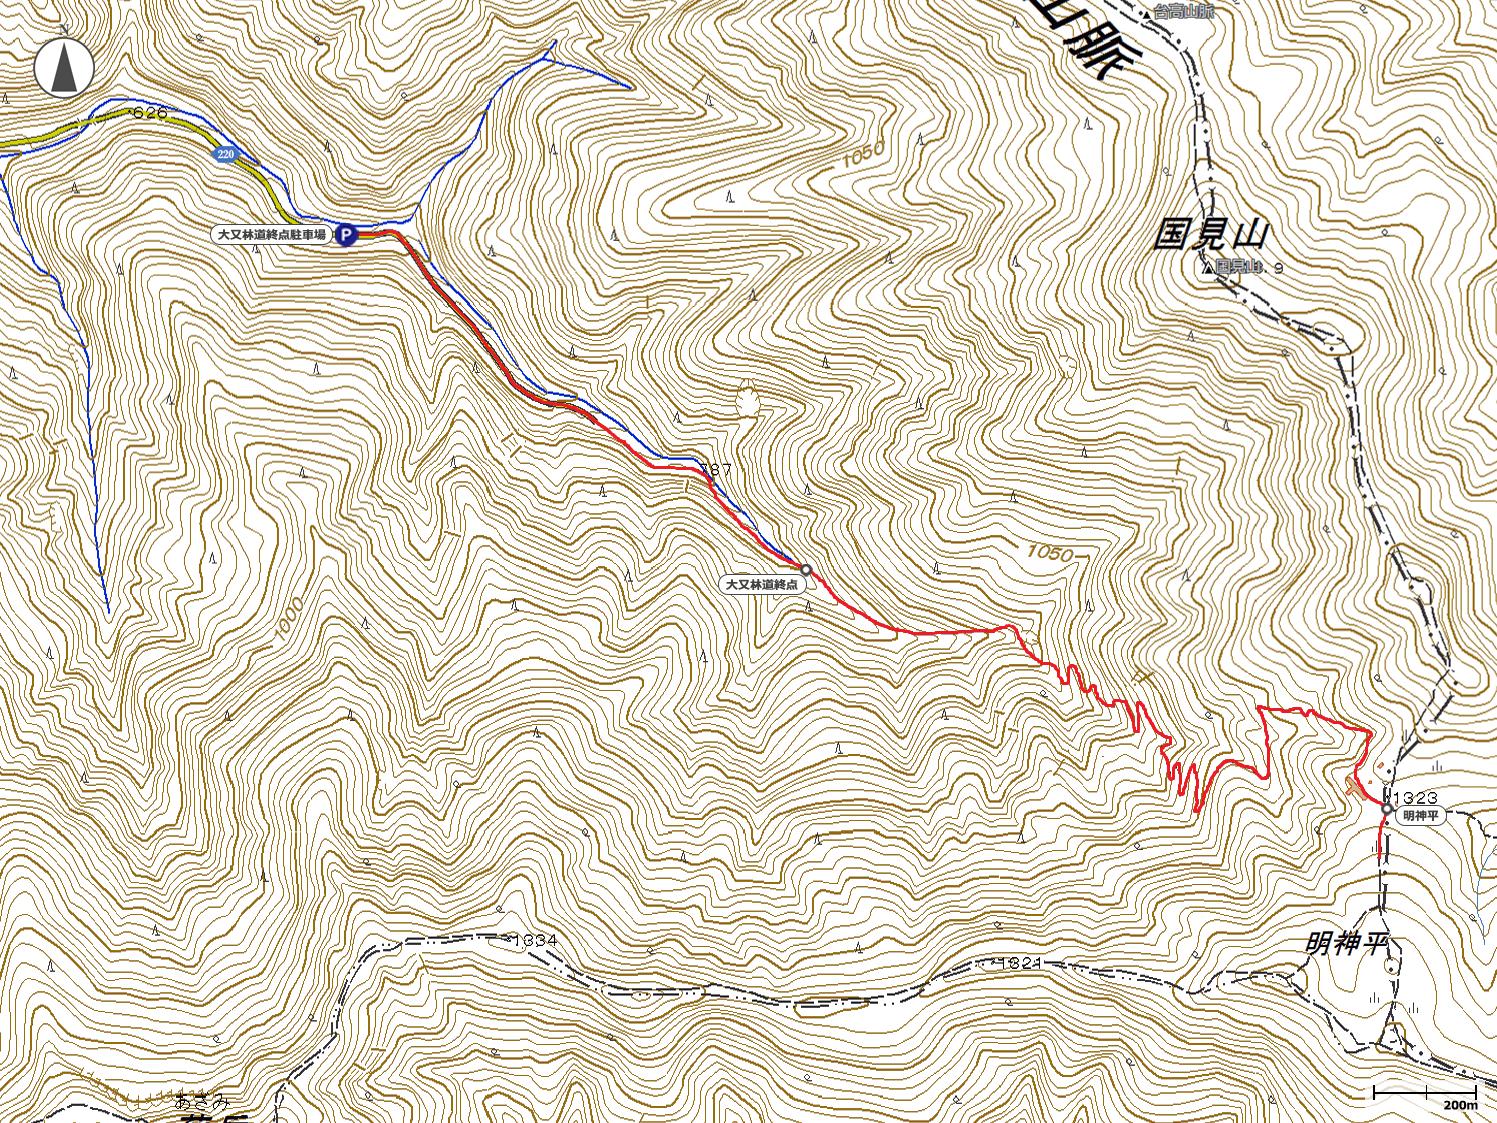 明神平地図